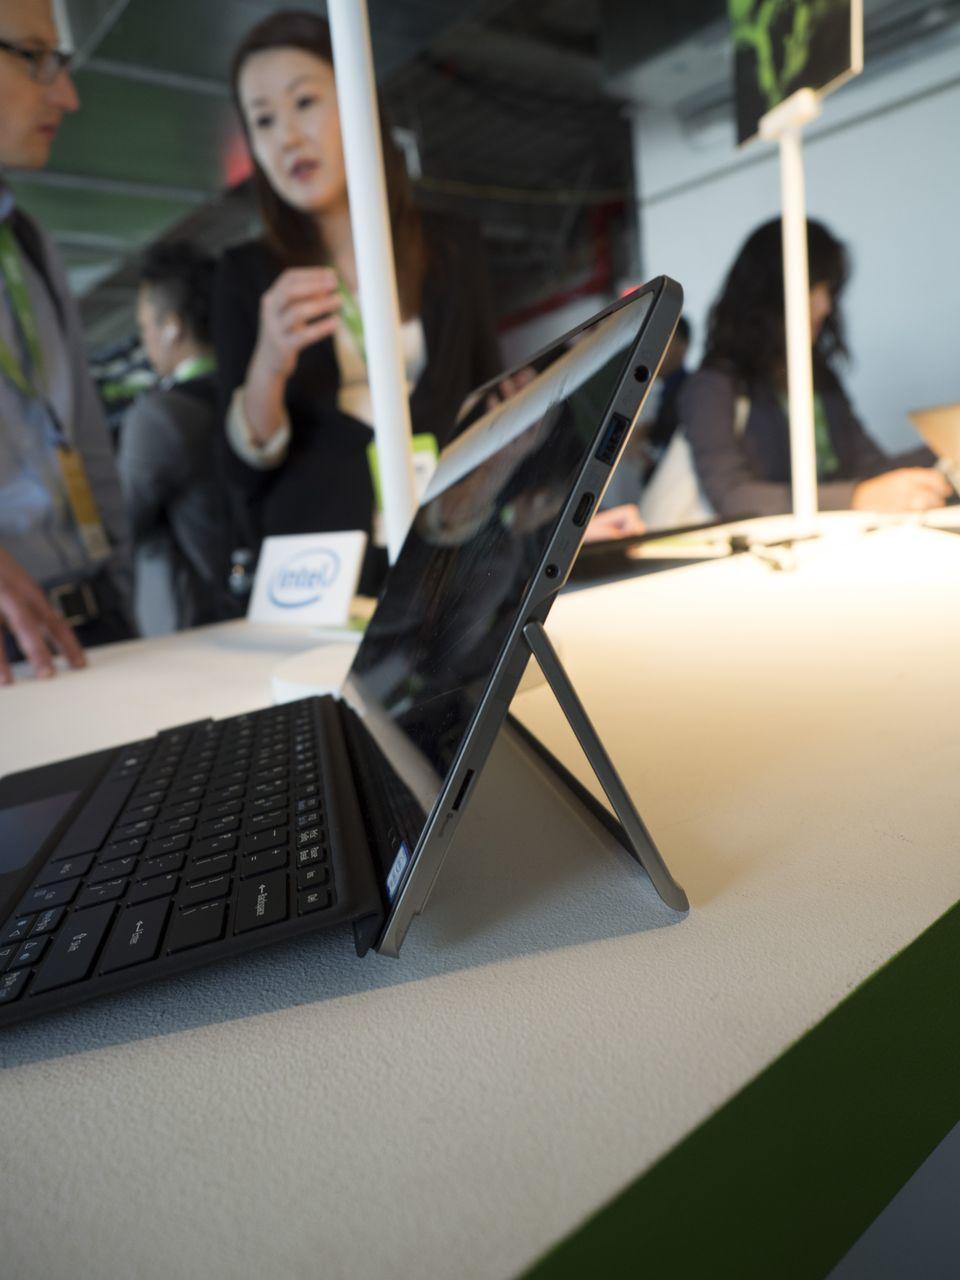 Next@Acer: Самый мощный игровой ноутбук с воздушным охлаждением, велокомпьютер, Chromebook для работы и другие новинки - 14